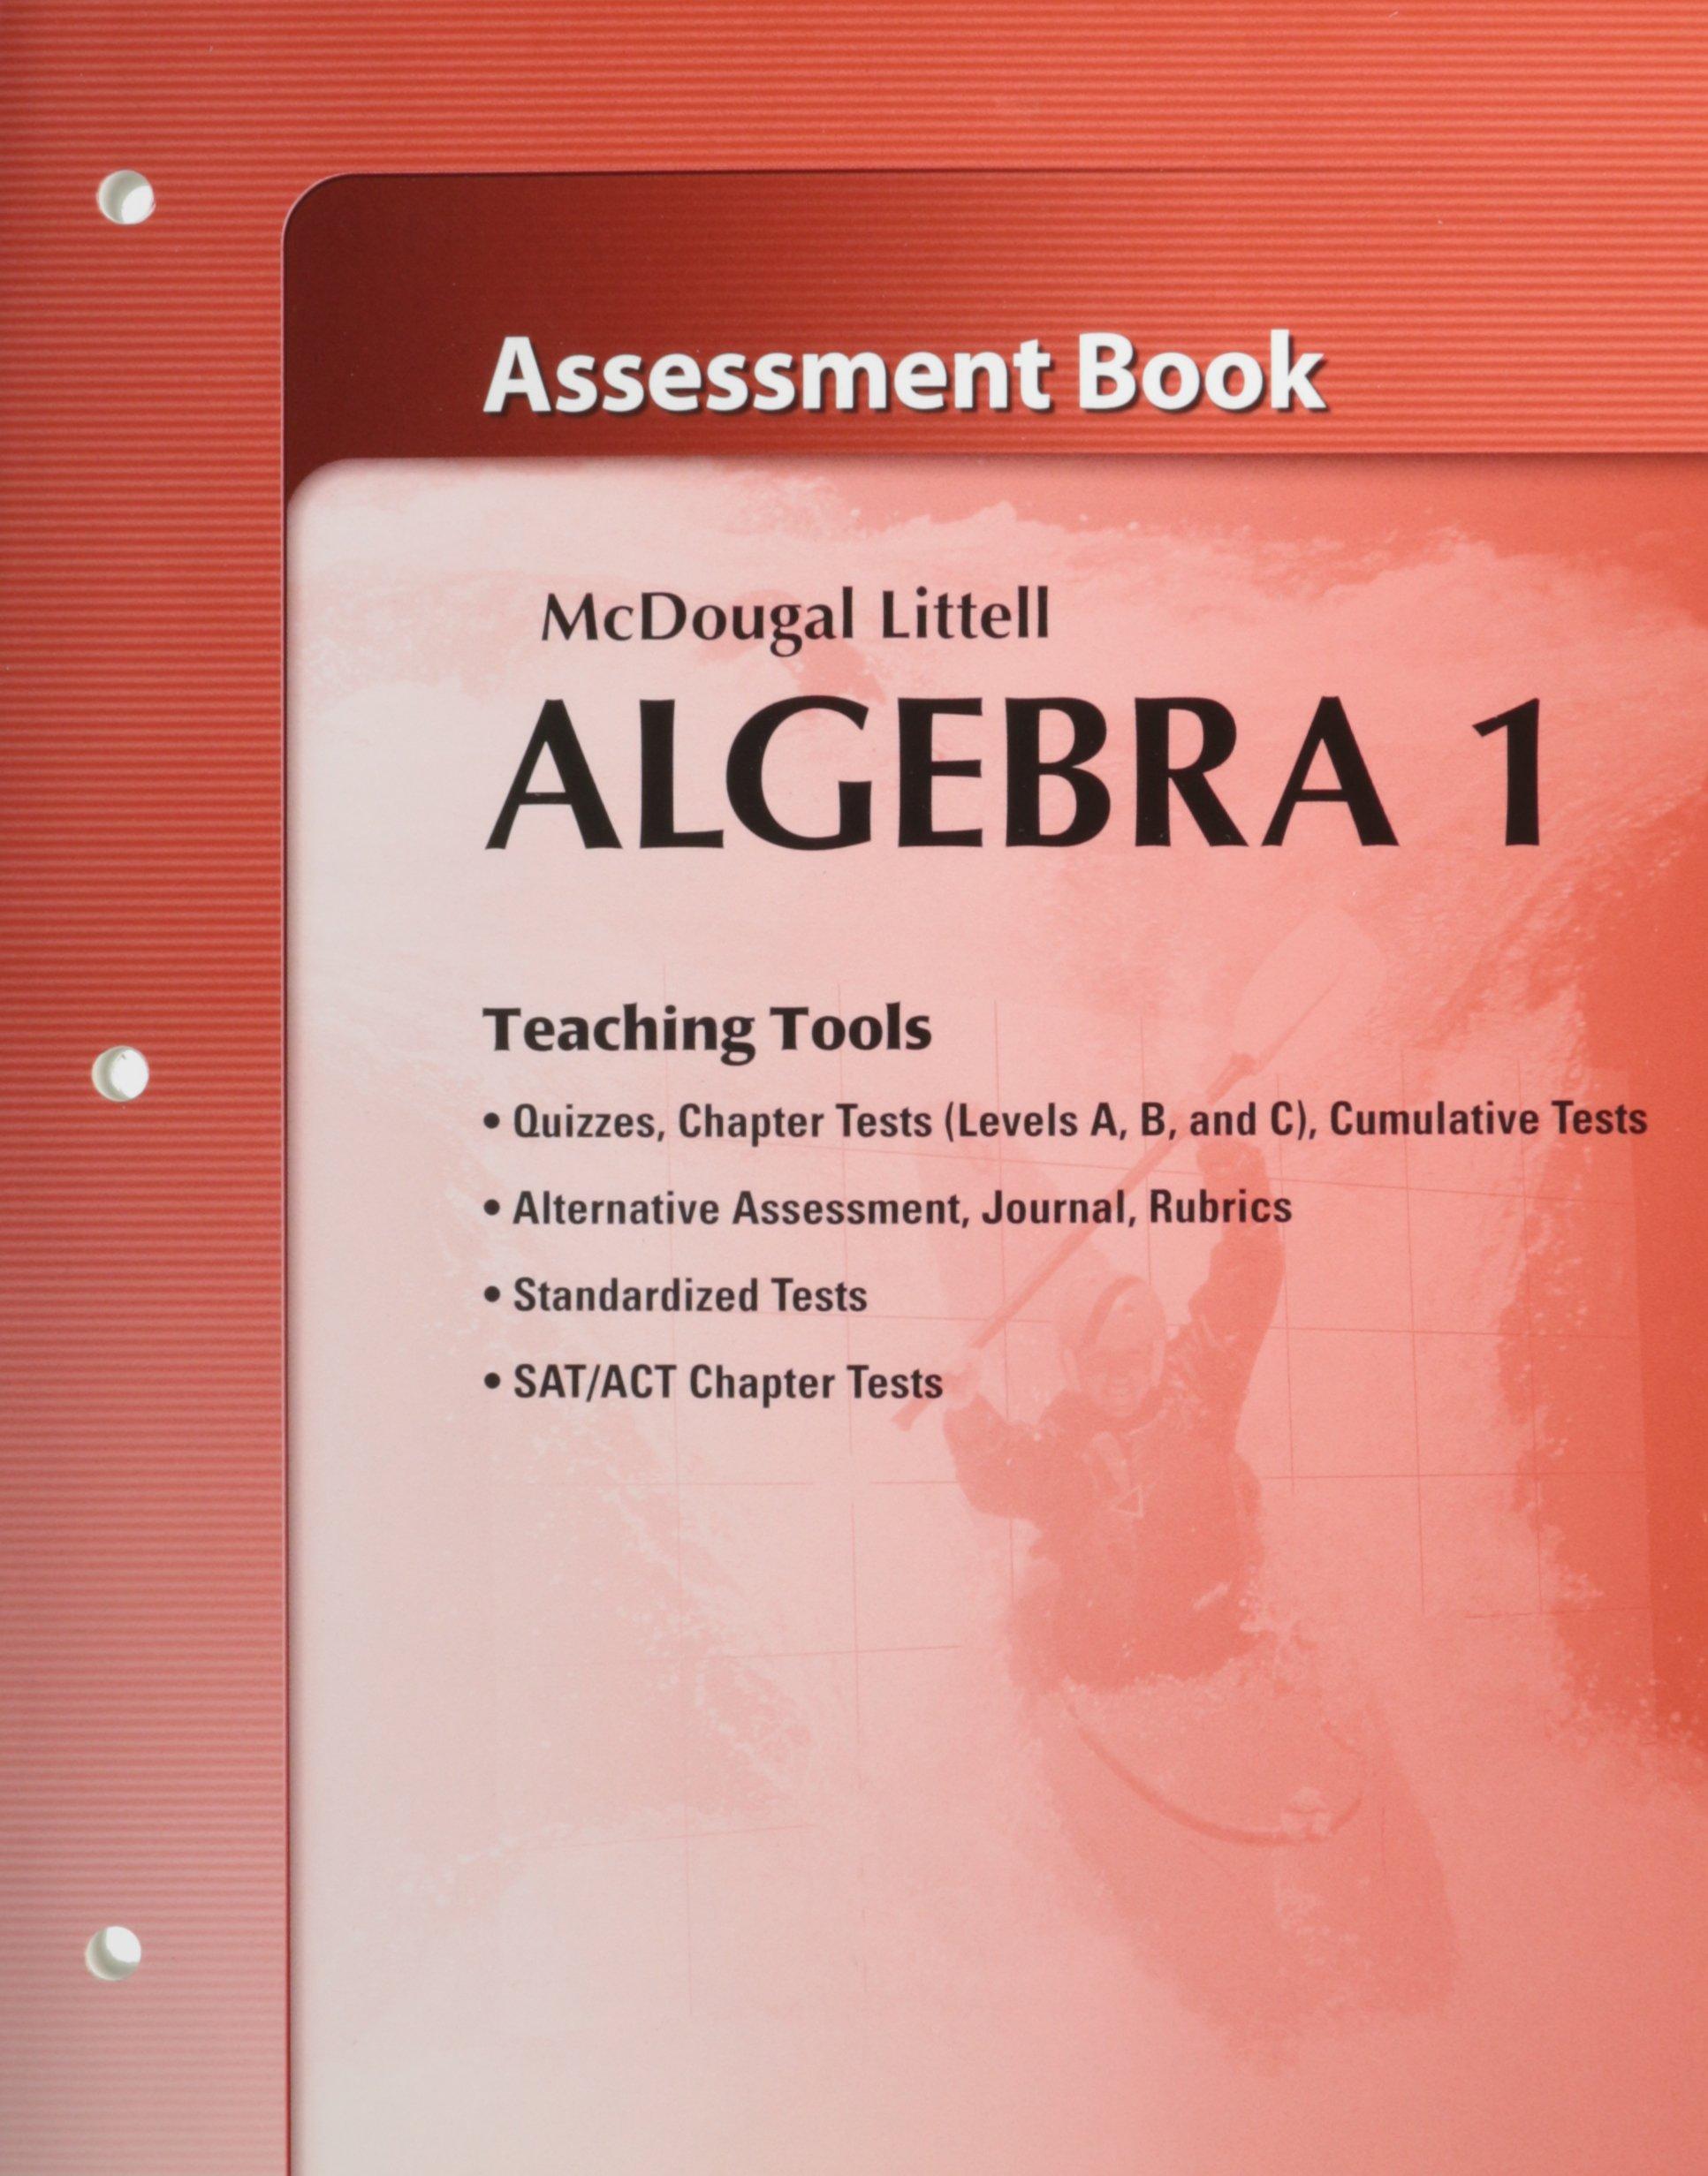 McDougal Littell Algebra 1 Assessment Book Teaching Tools